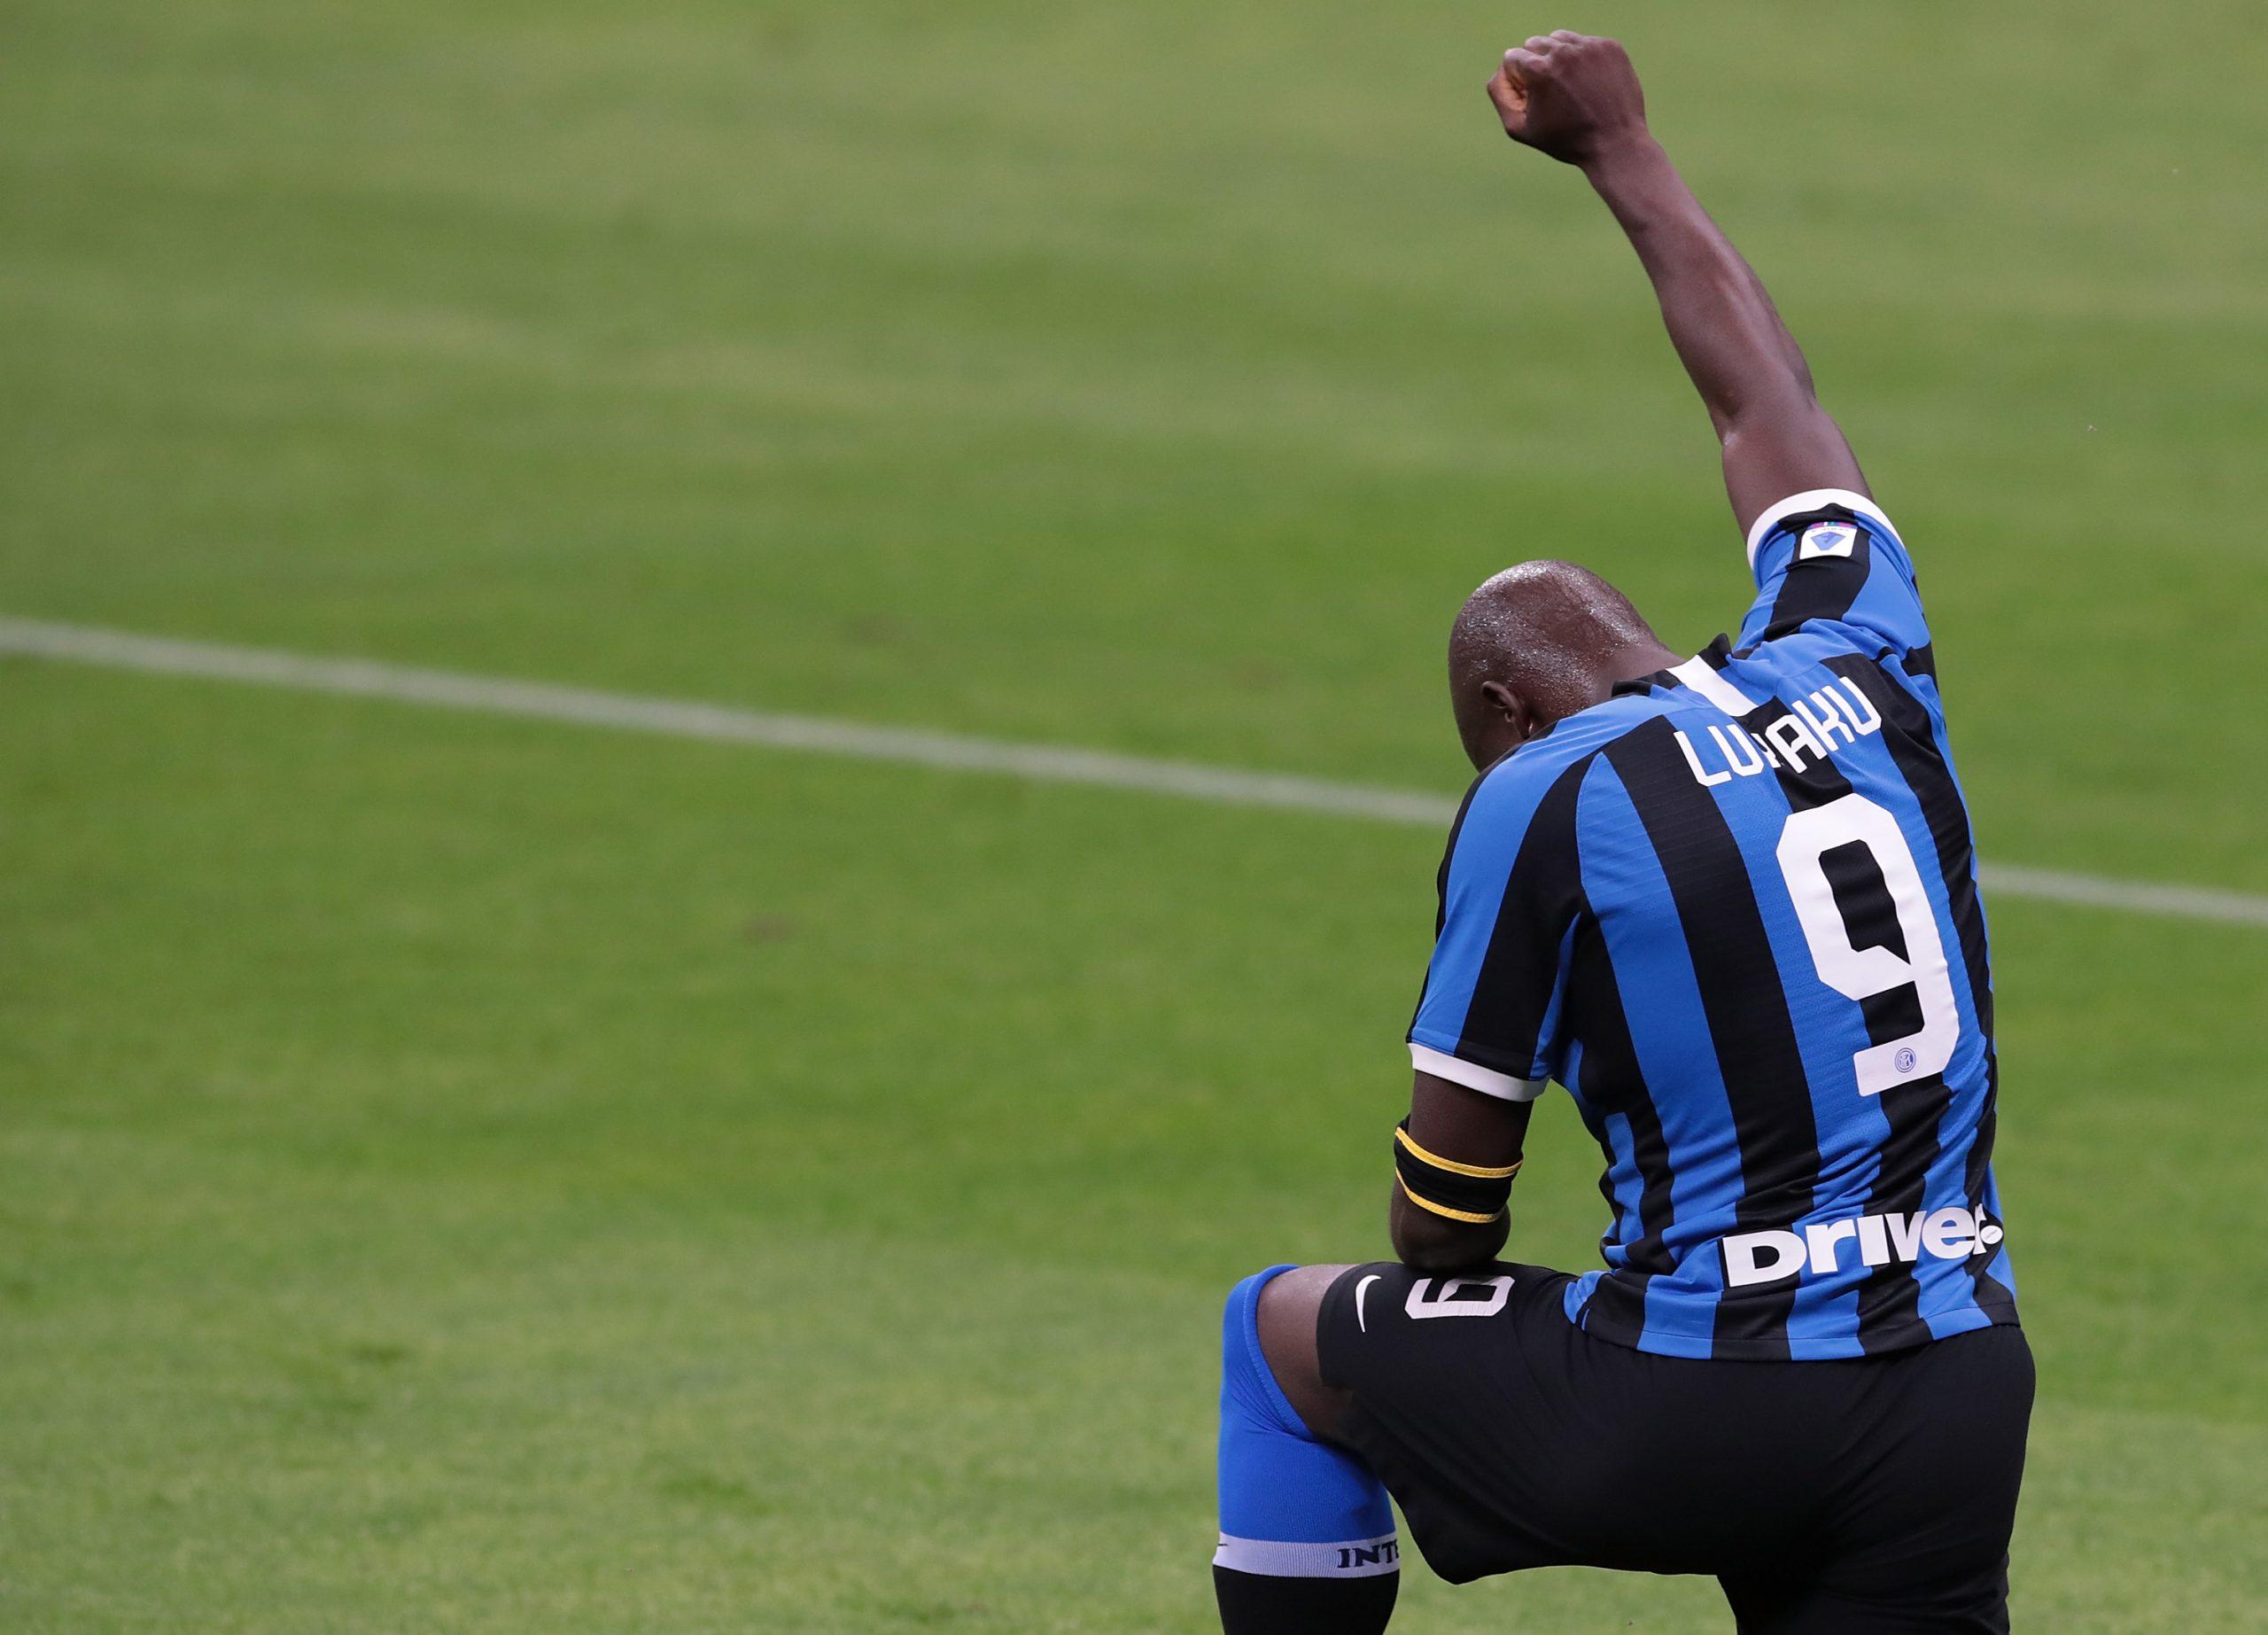 Lukaku-Lautaro piegano la Samp. Per l'Inter vetta più vicina